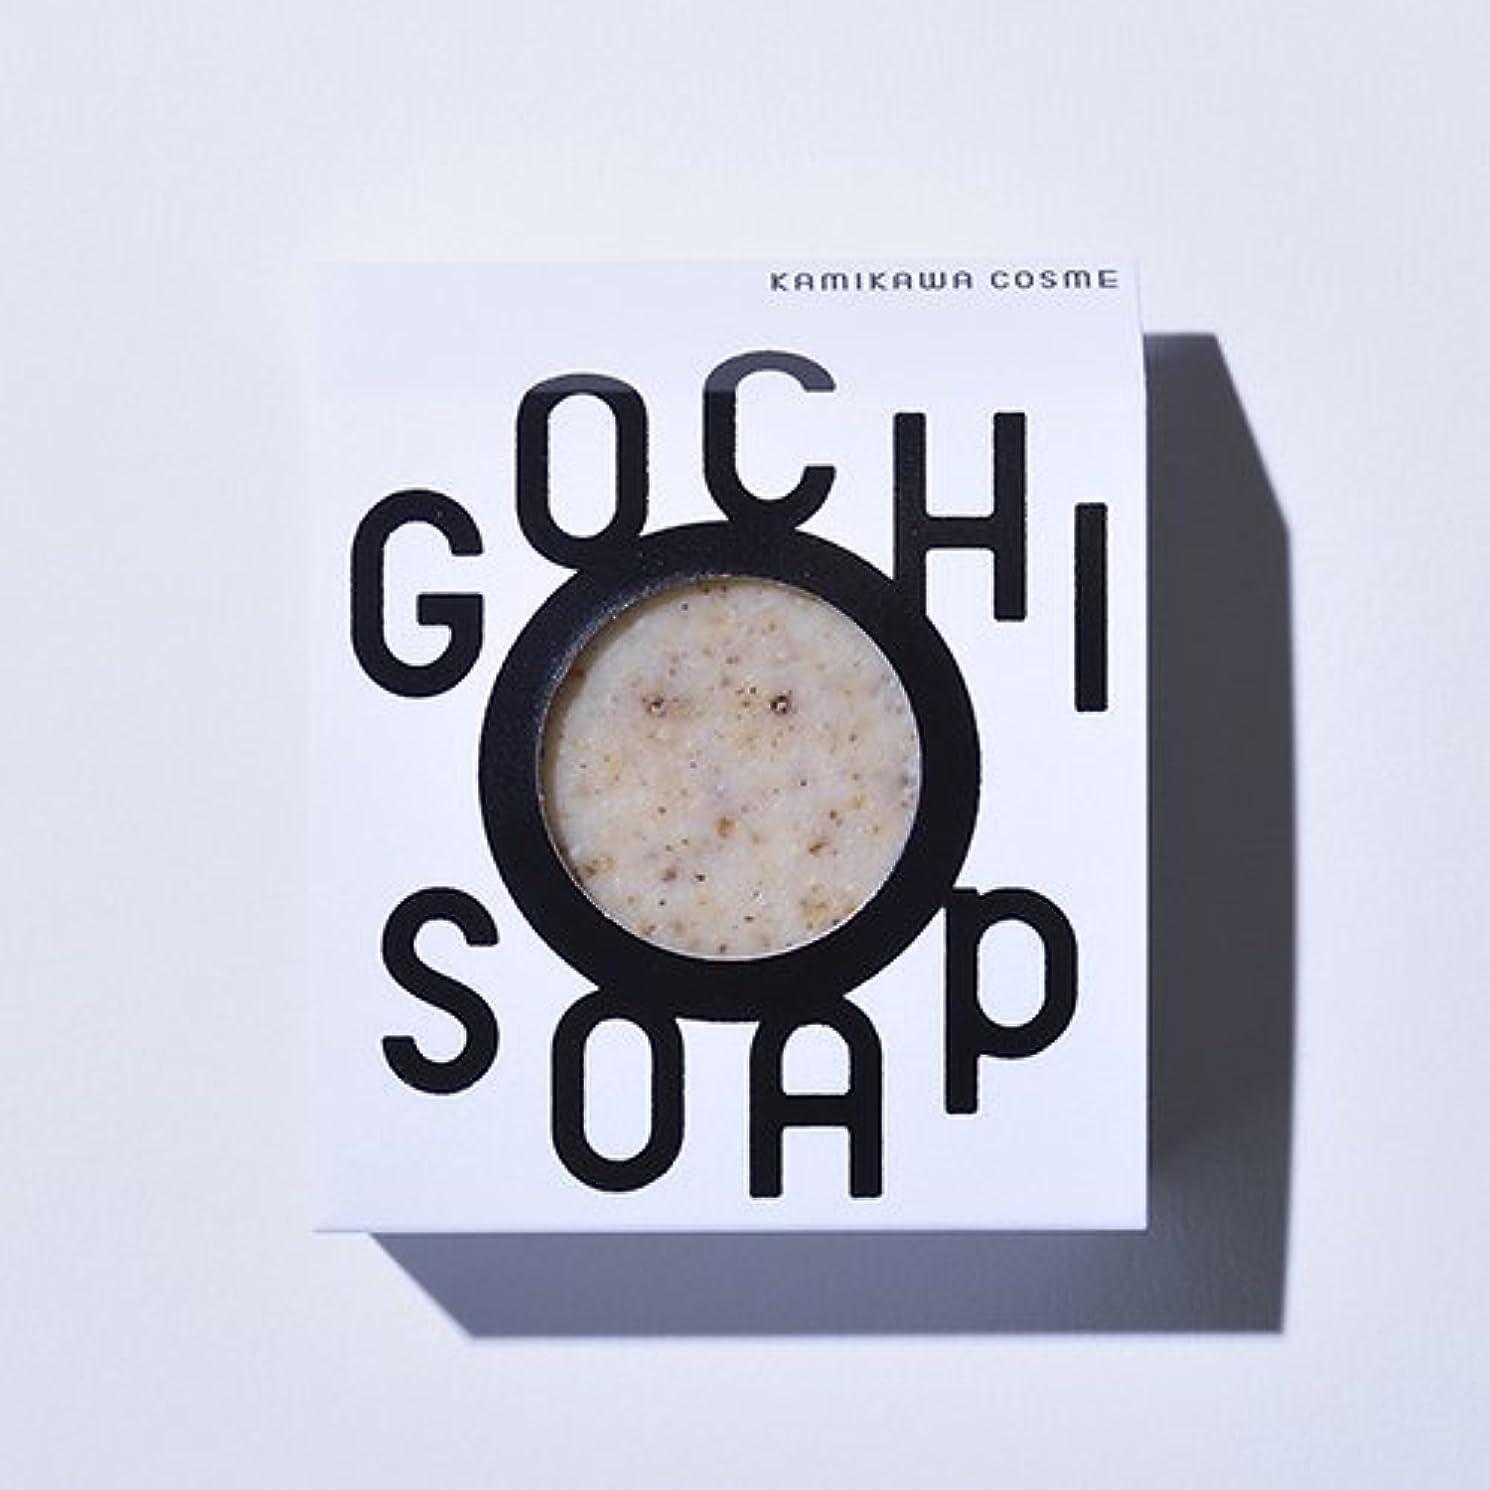 台風納税者嫌なGOCHI SOAP ゴチソープ 上森米穀店の焙煎黒米ソープ